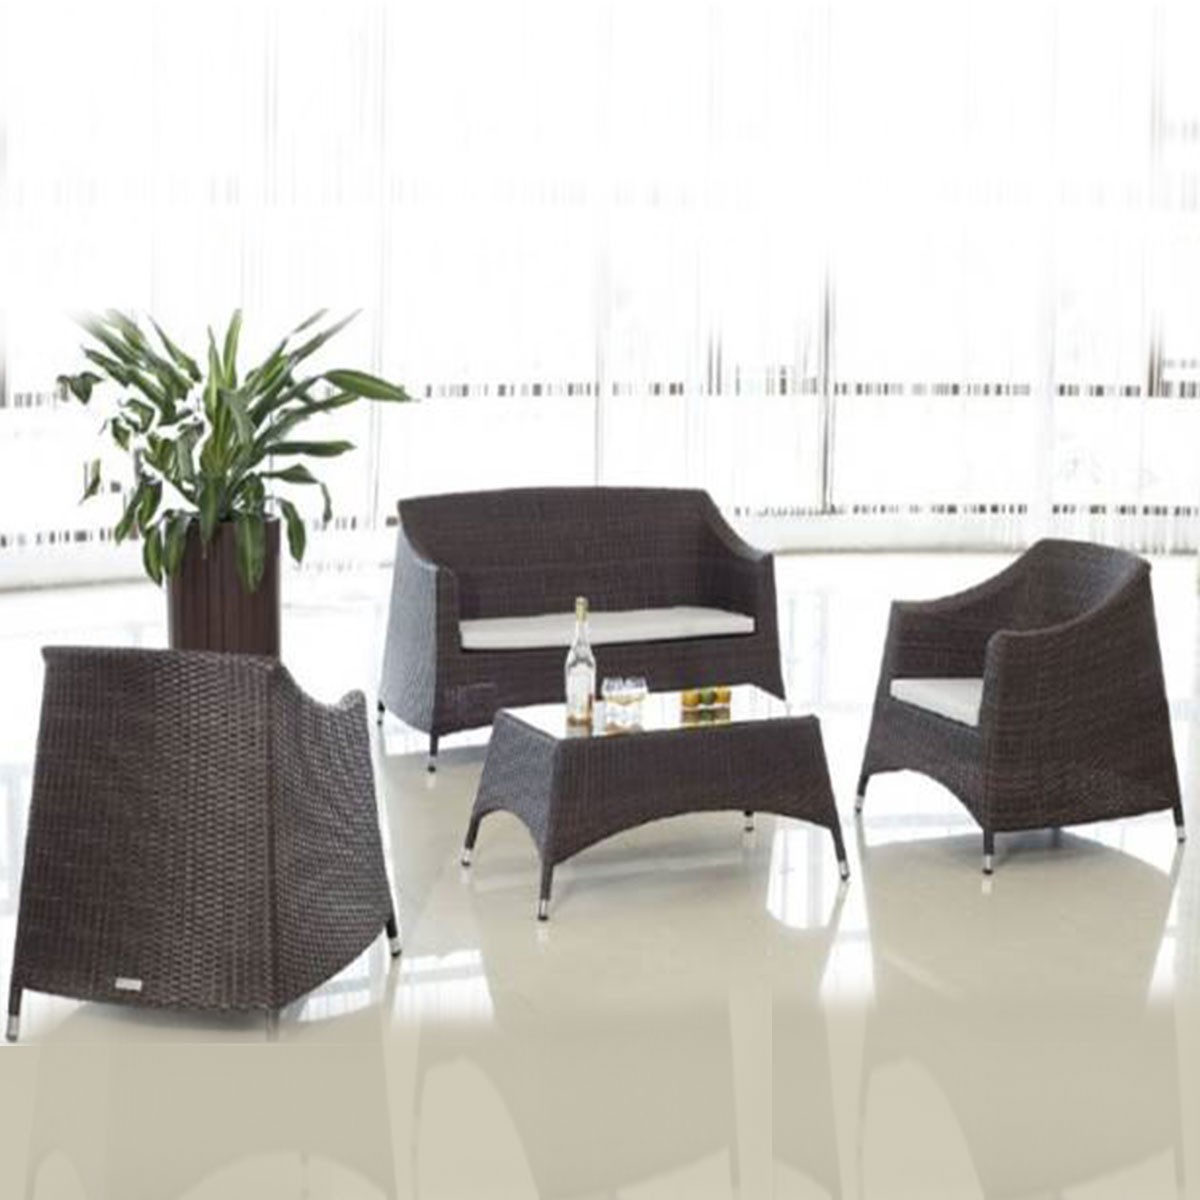 4-Pièce Salon de Jardin en Rotin avec Coussin: Causeuse, 2 Fauteuils, Table Basse (LLS-370)